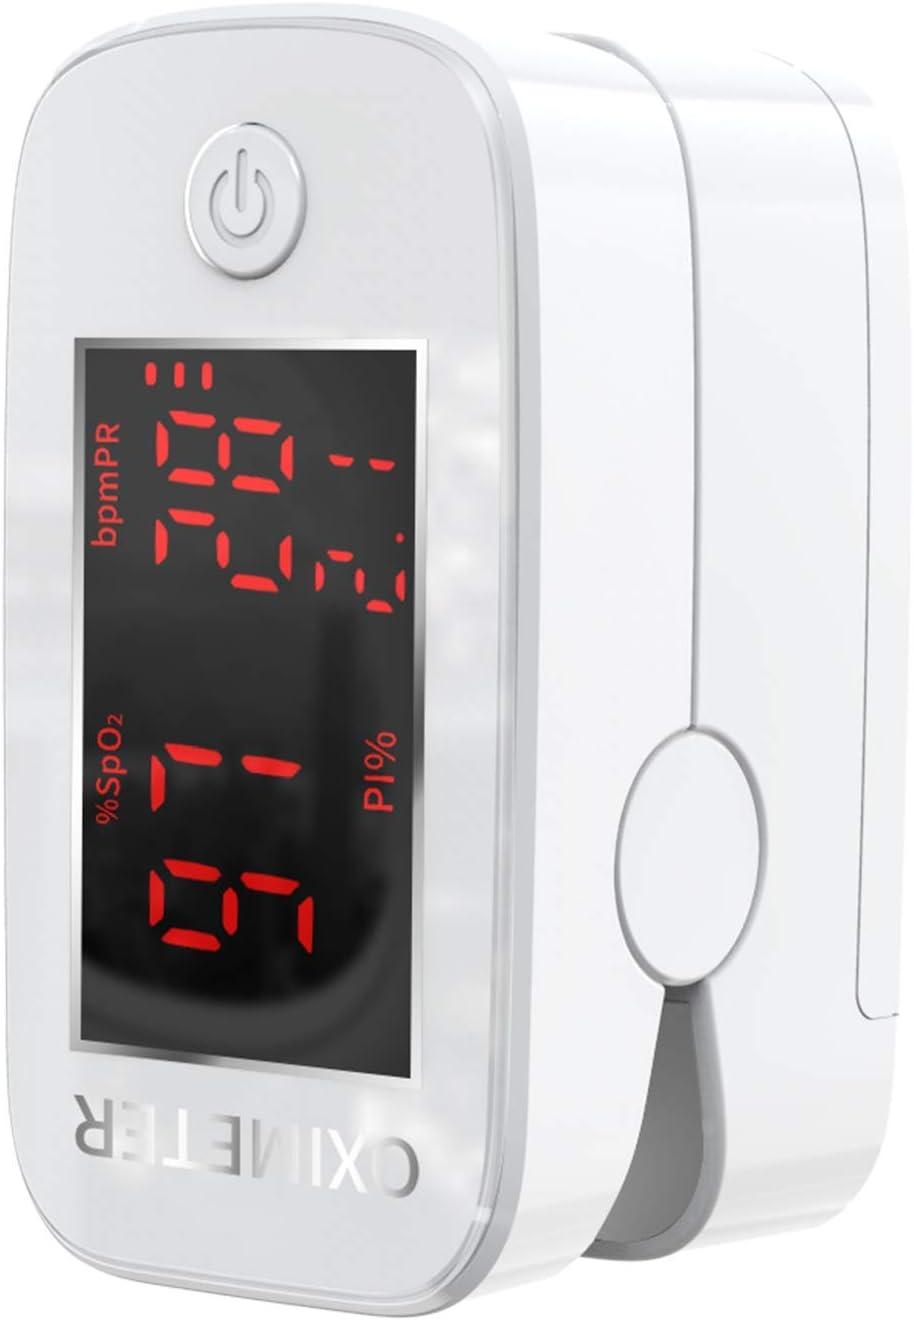 Oxímetro, pulsioxímetro de dedo, oximetro dedo, pulsioximetro de dedo profesional, saturador oxigeno profesional, medidor saturacion oxigeno con pantalla LED, con cordón